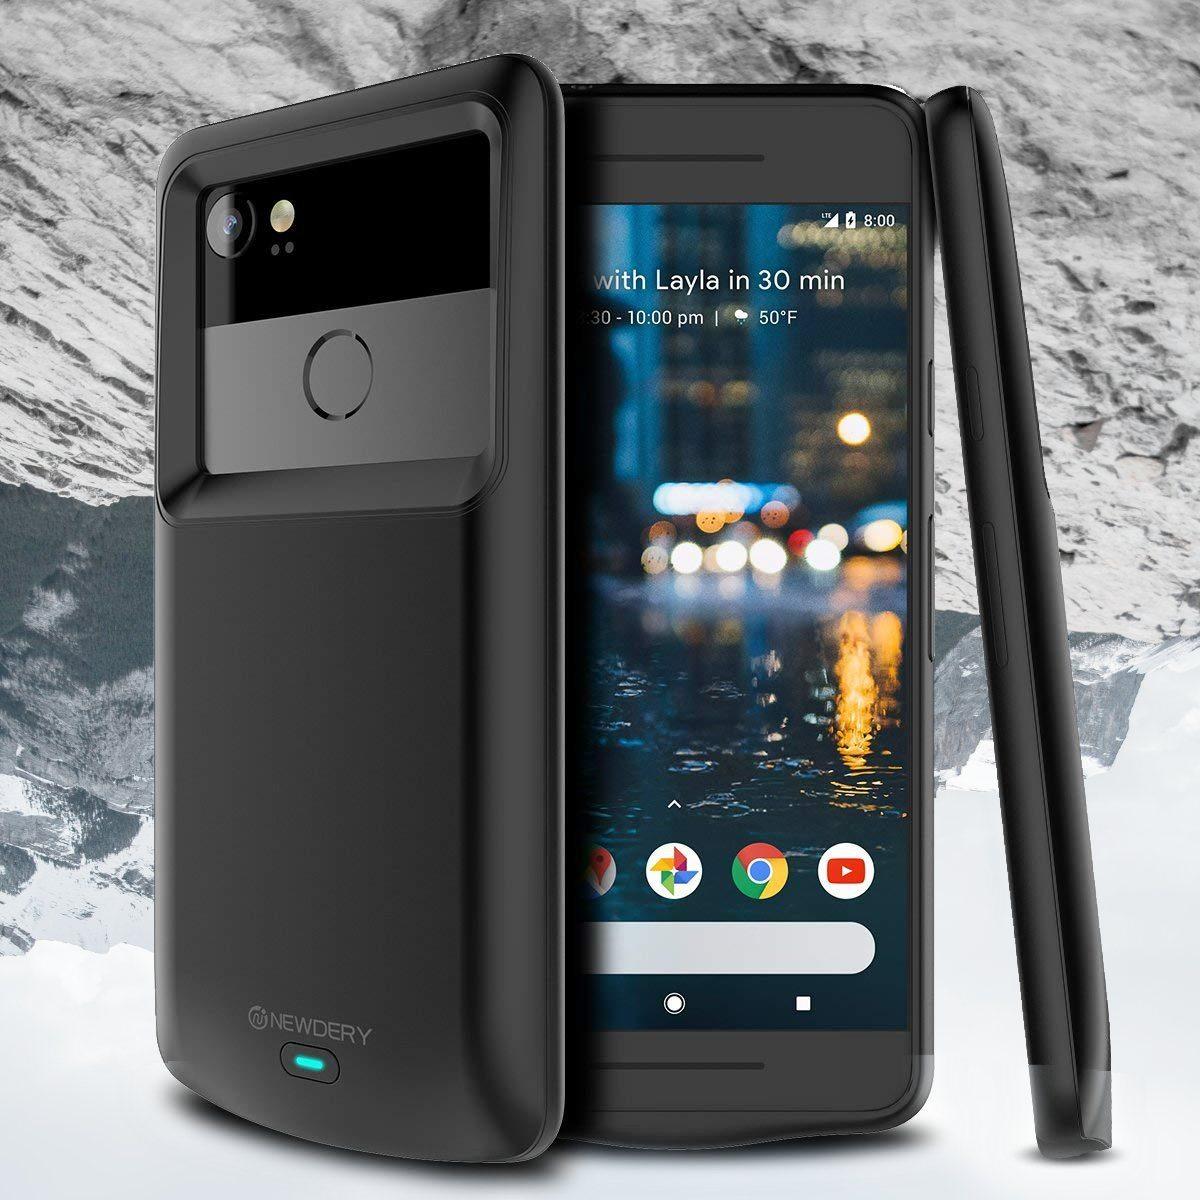 NEWDERY-Pixel-2XL-BatteryCase-minimal-edc-tech-2019